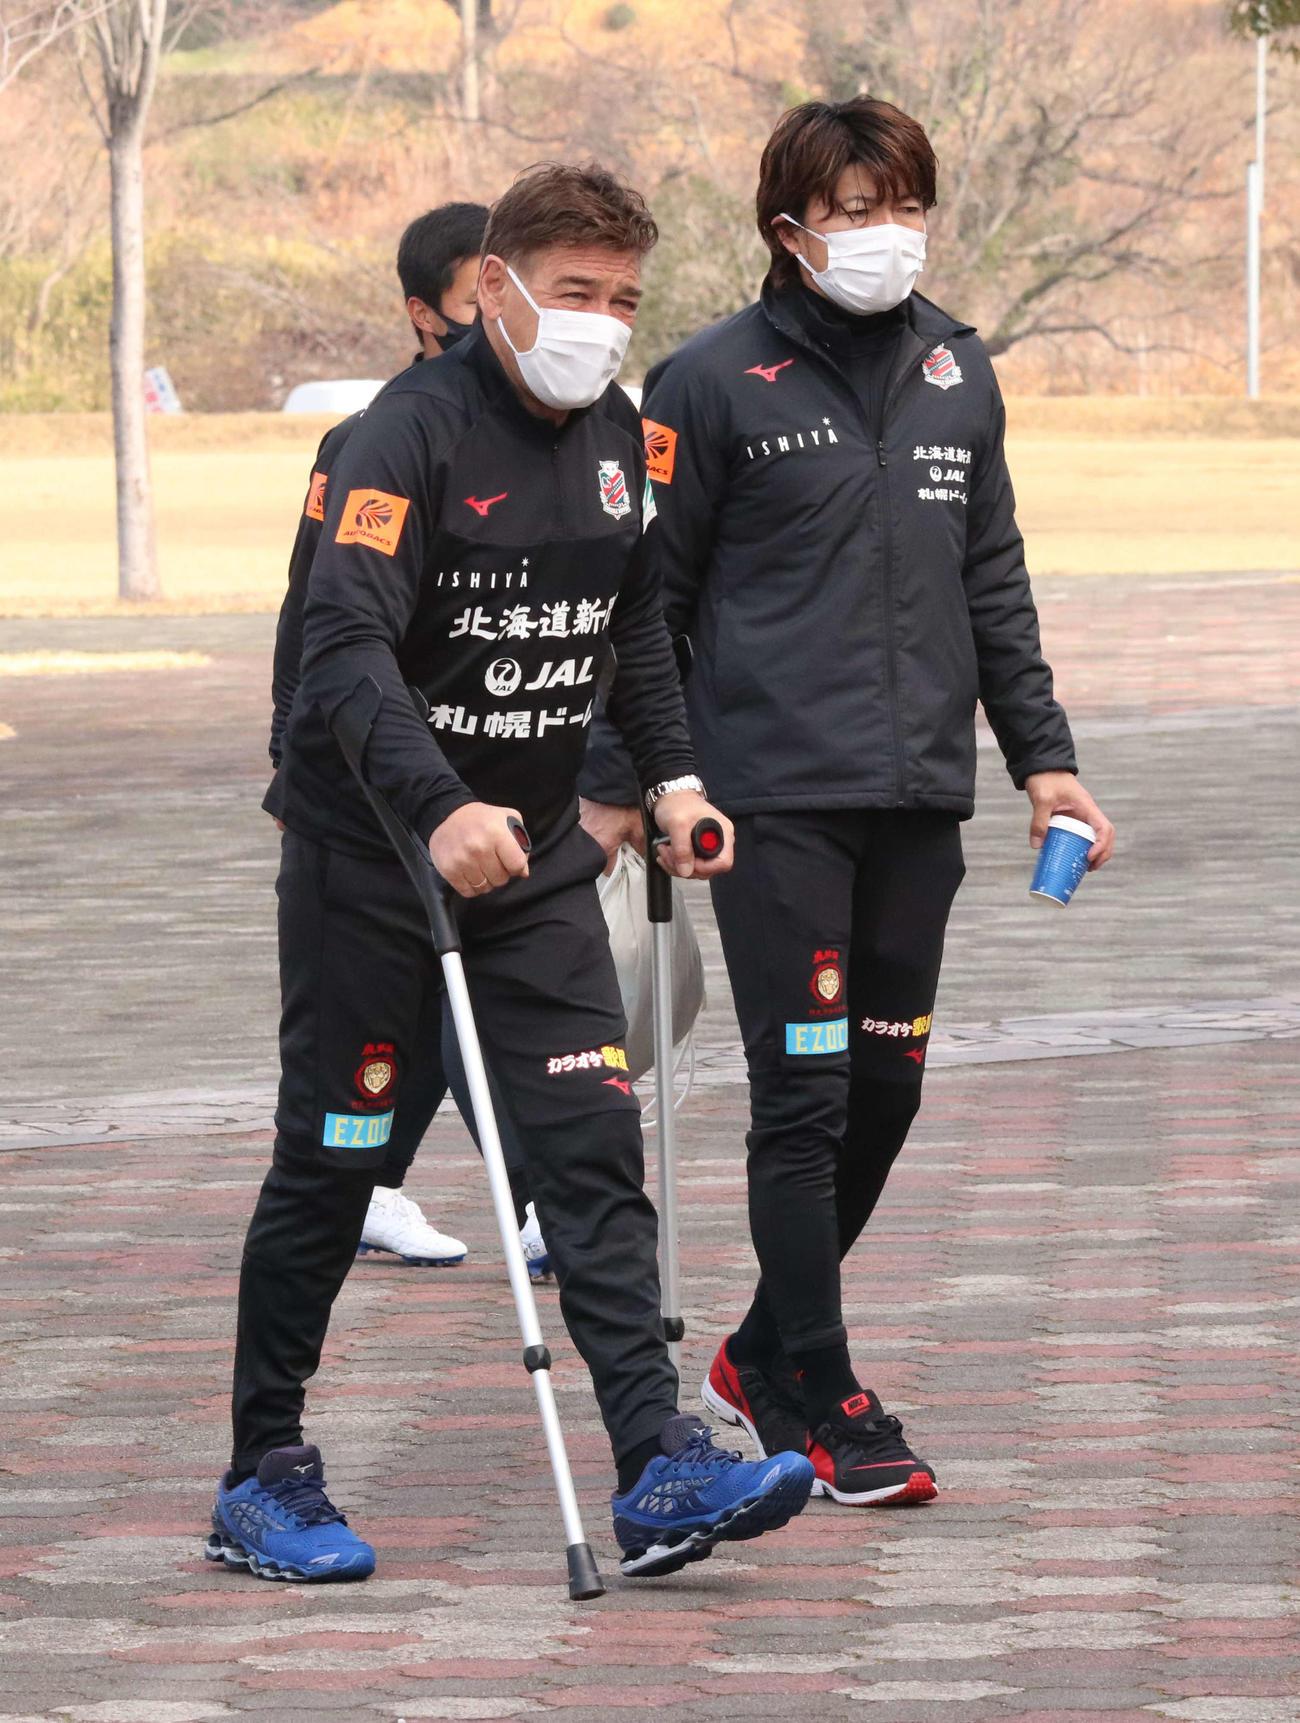 松葉づえ姿ながらチーム活動に合流した札幌ペトロビッチ監督(左)(撮影・浅水友輝)